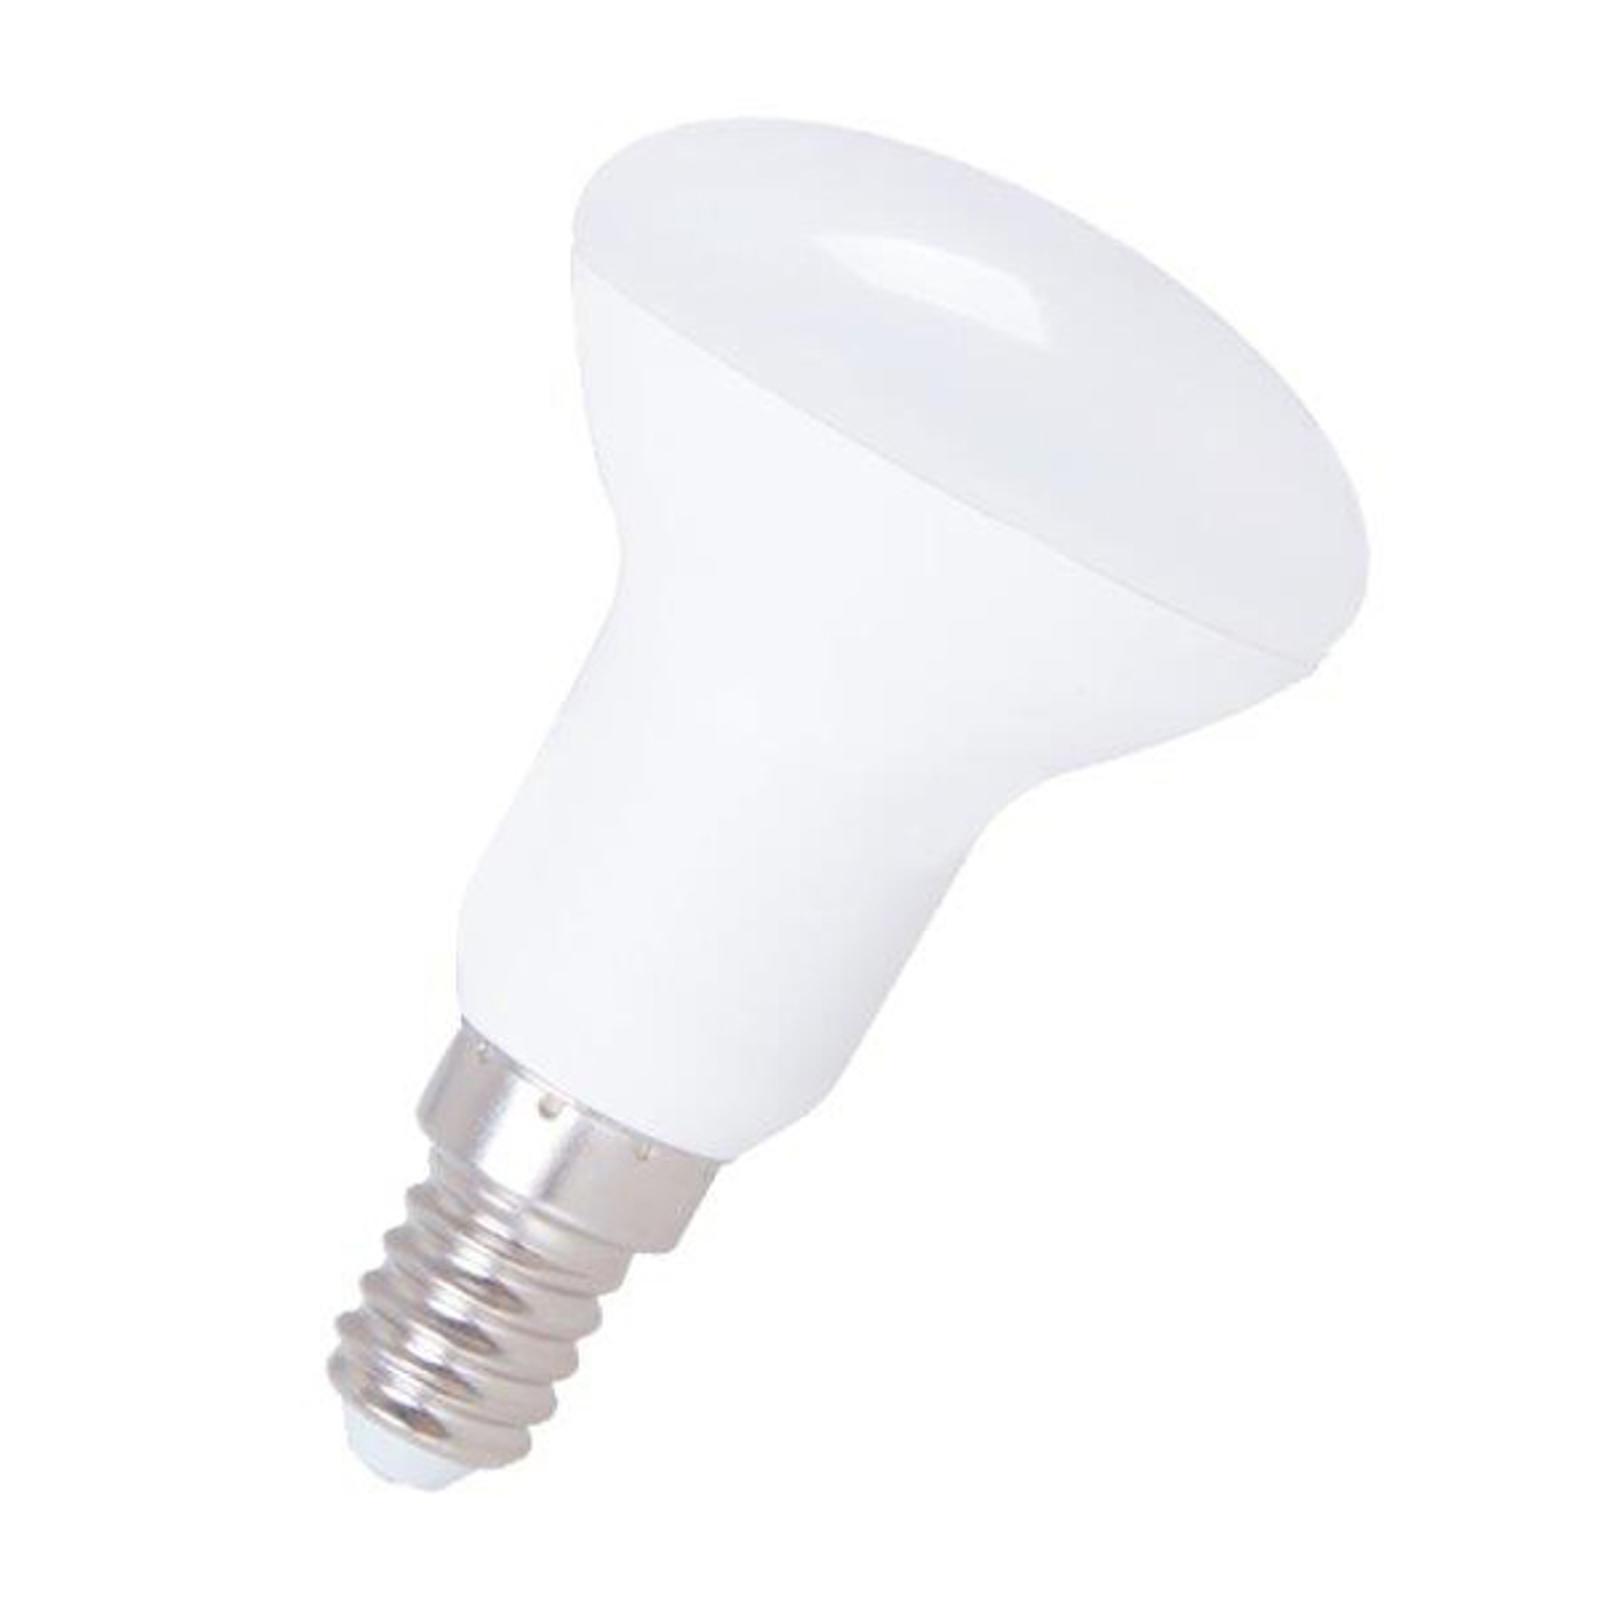 Lampe à réflecteur LED E14 5W R50 830 120°